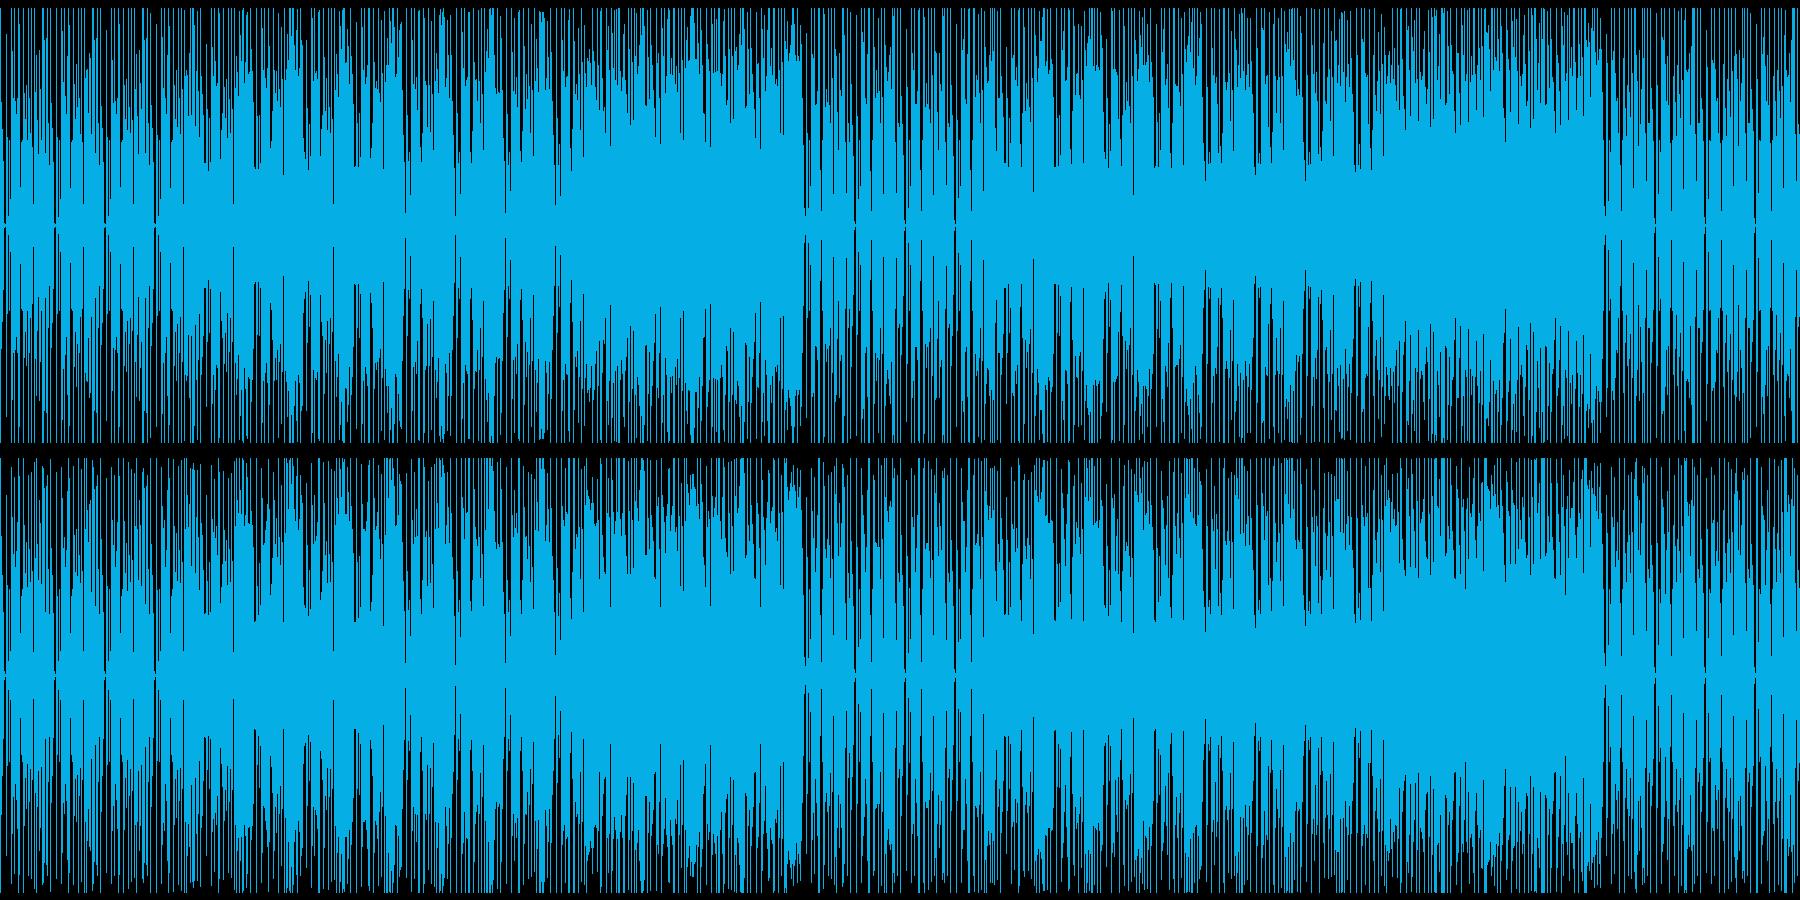 明るくファンキーだが少し切ないエレクトロの再生済みの波形